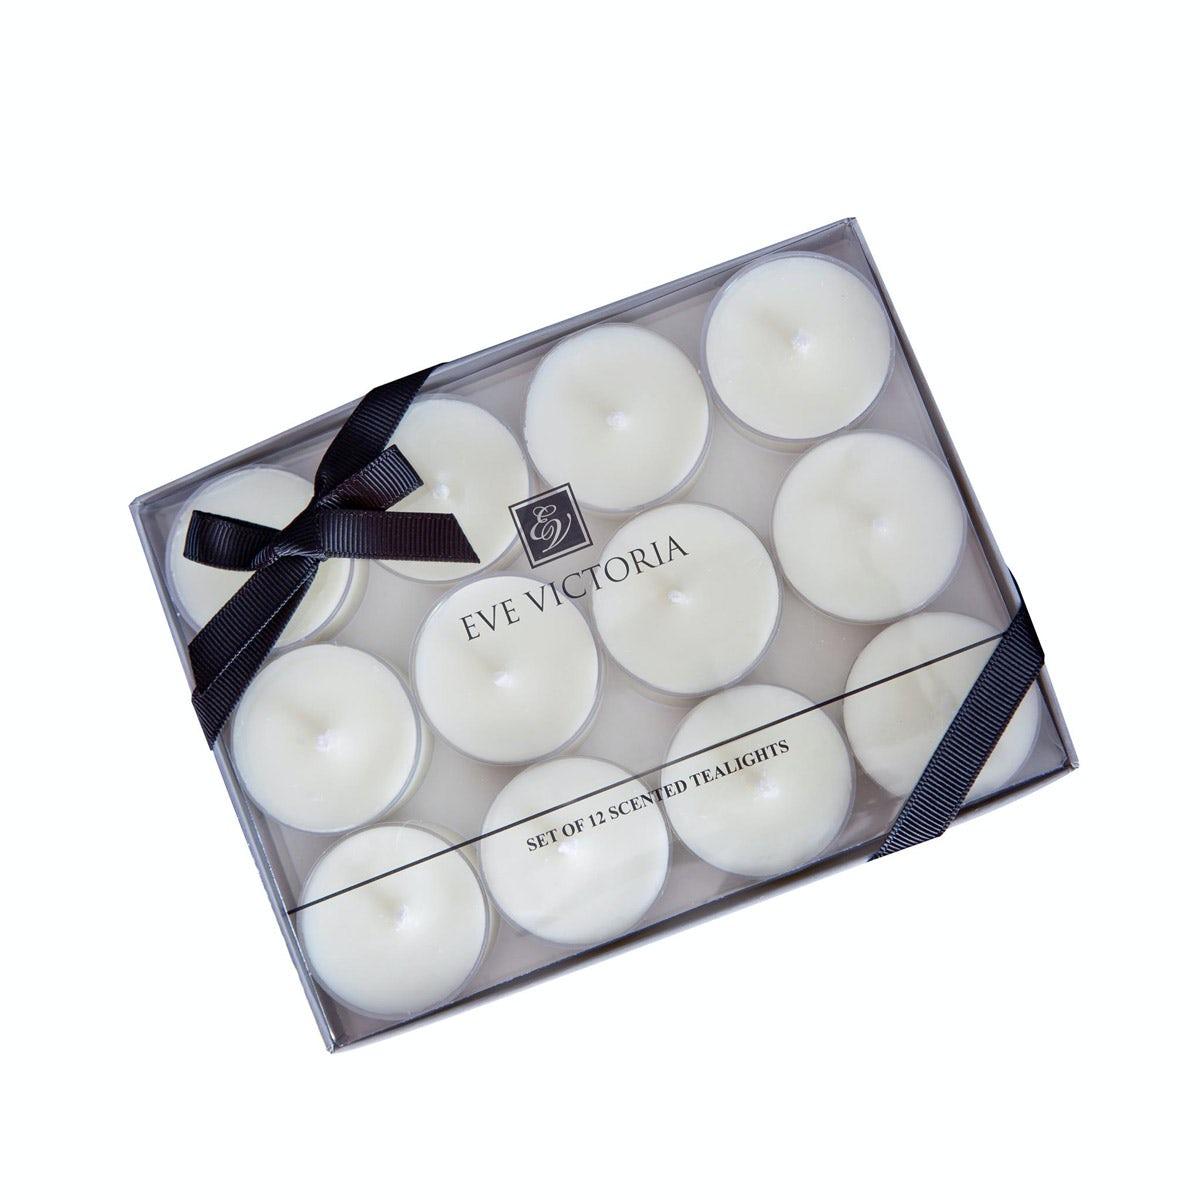 Eve Victoria Christmas cinnamon box of 12 tea lights